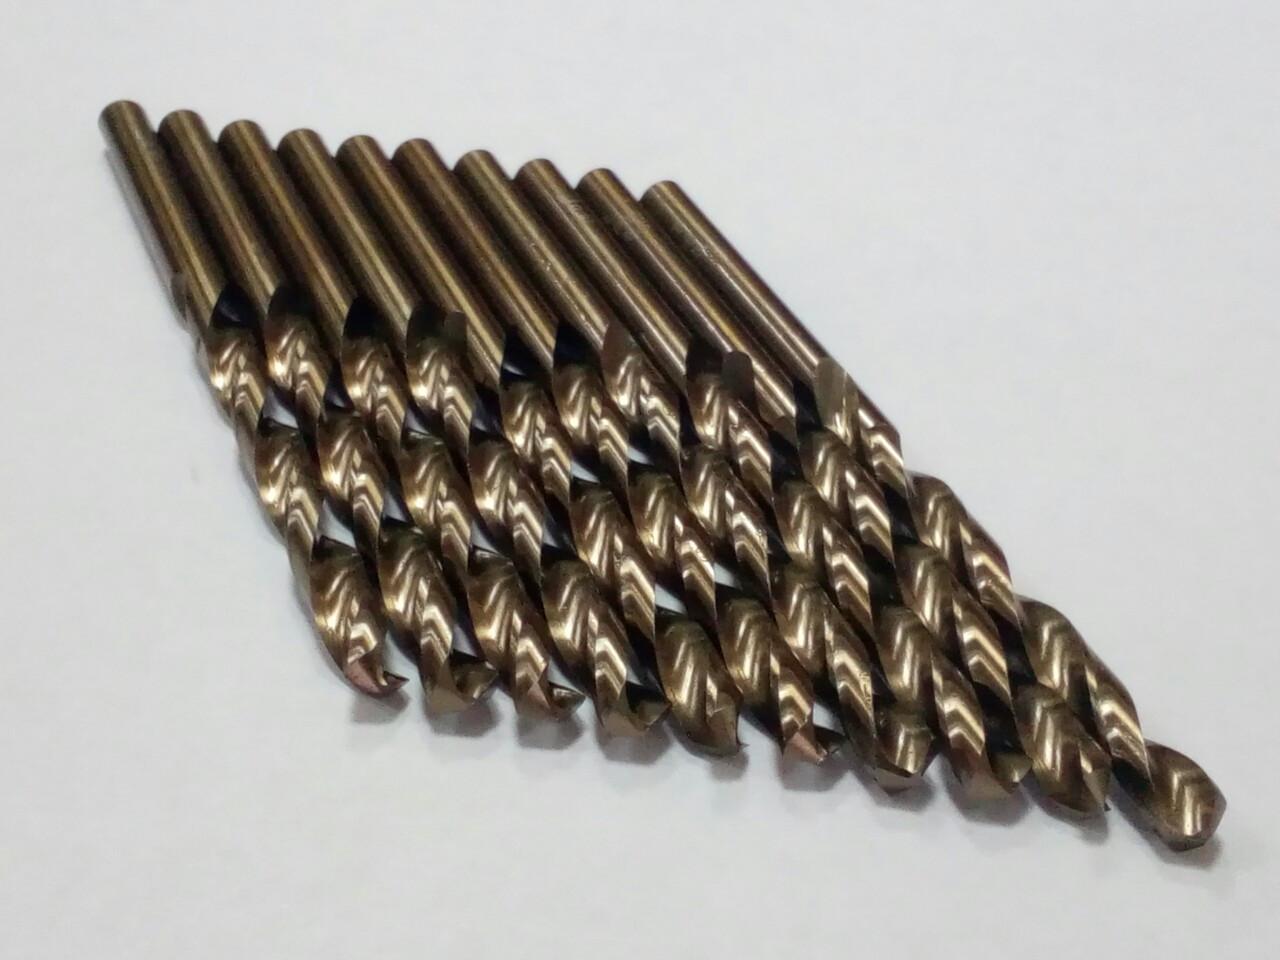 Сверло по НЕРЖАВЕЙКЕ Р18 -  4,8мм (кобальт) // ГОСТ-10902 (DIN338 G-Co)